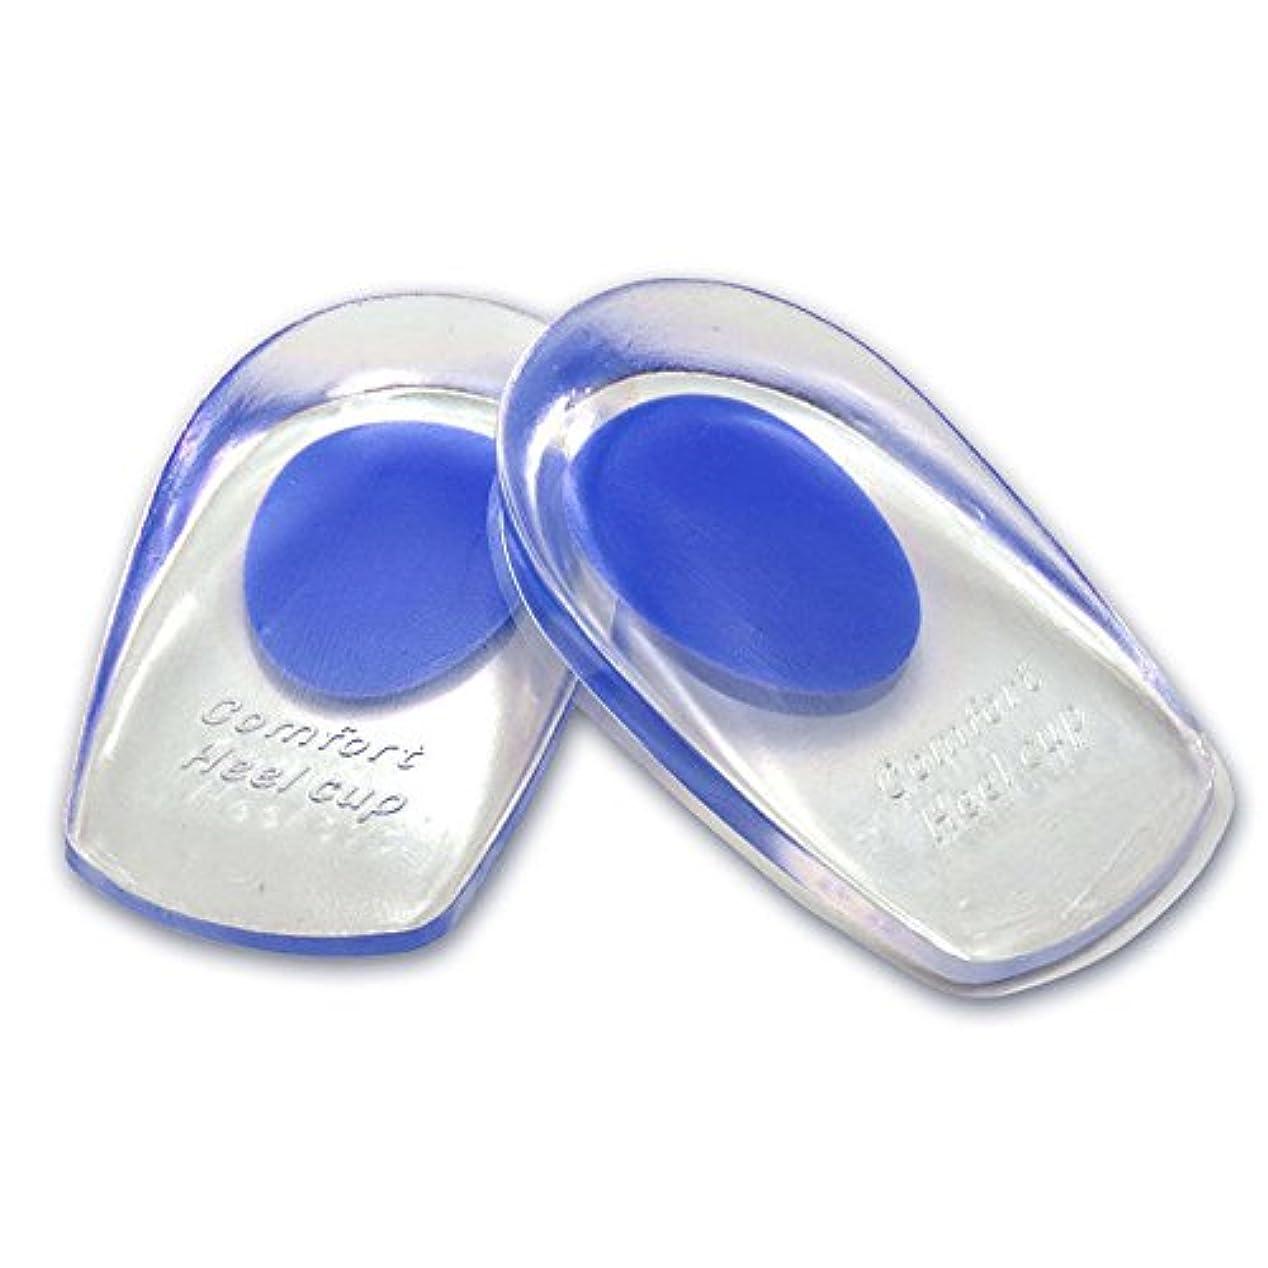 税金集計ガスシリコンヒールカップ かかとの痛み防止に ソフトシリコン製 インソールクッション 衝撃緩和 立体形状 フィット感抜群 FMTMXCA2S (ブルー(靴サイズ24.5~27.5cm用))